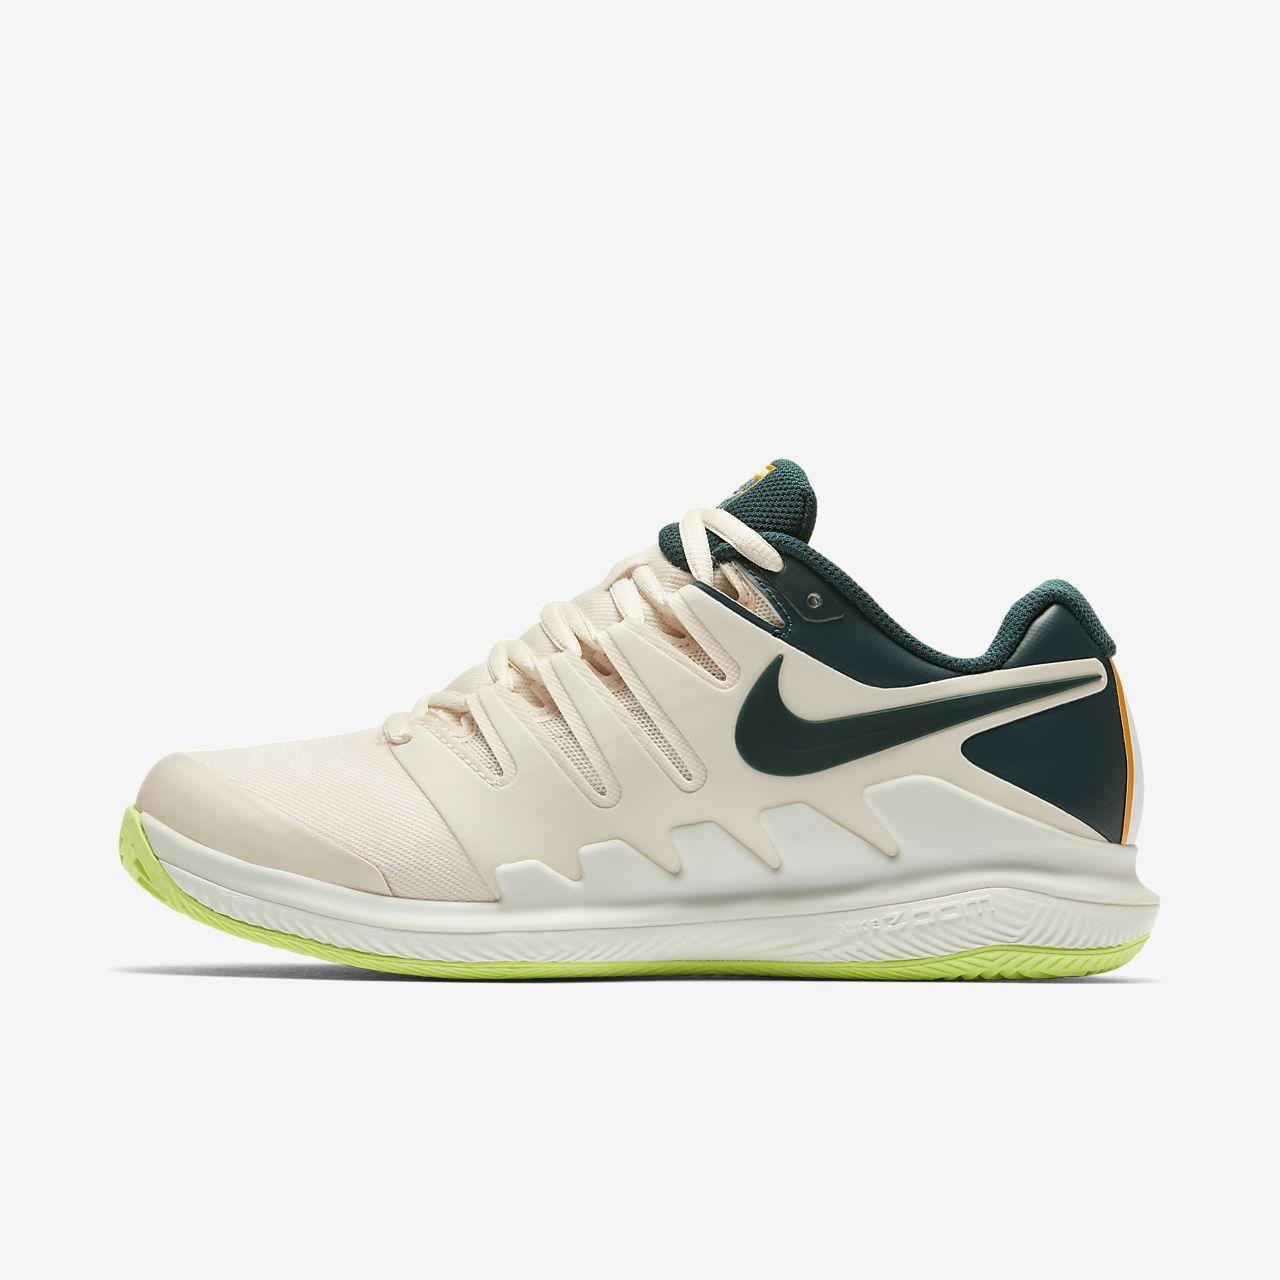 Nike Air Zoom Vapor X Clay Women s Tennis Shoe. Nike.com GB 990b451c51